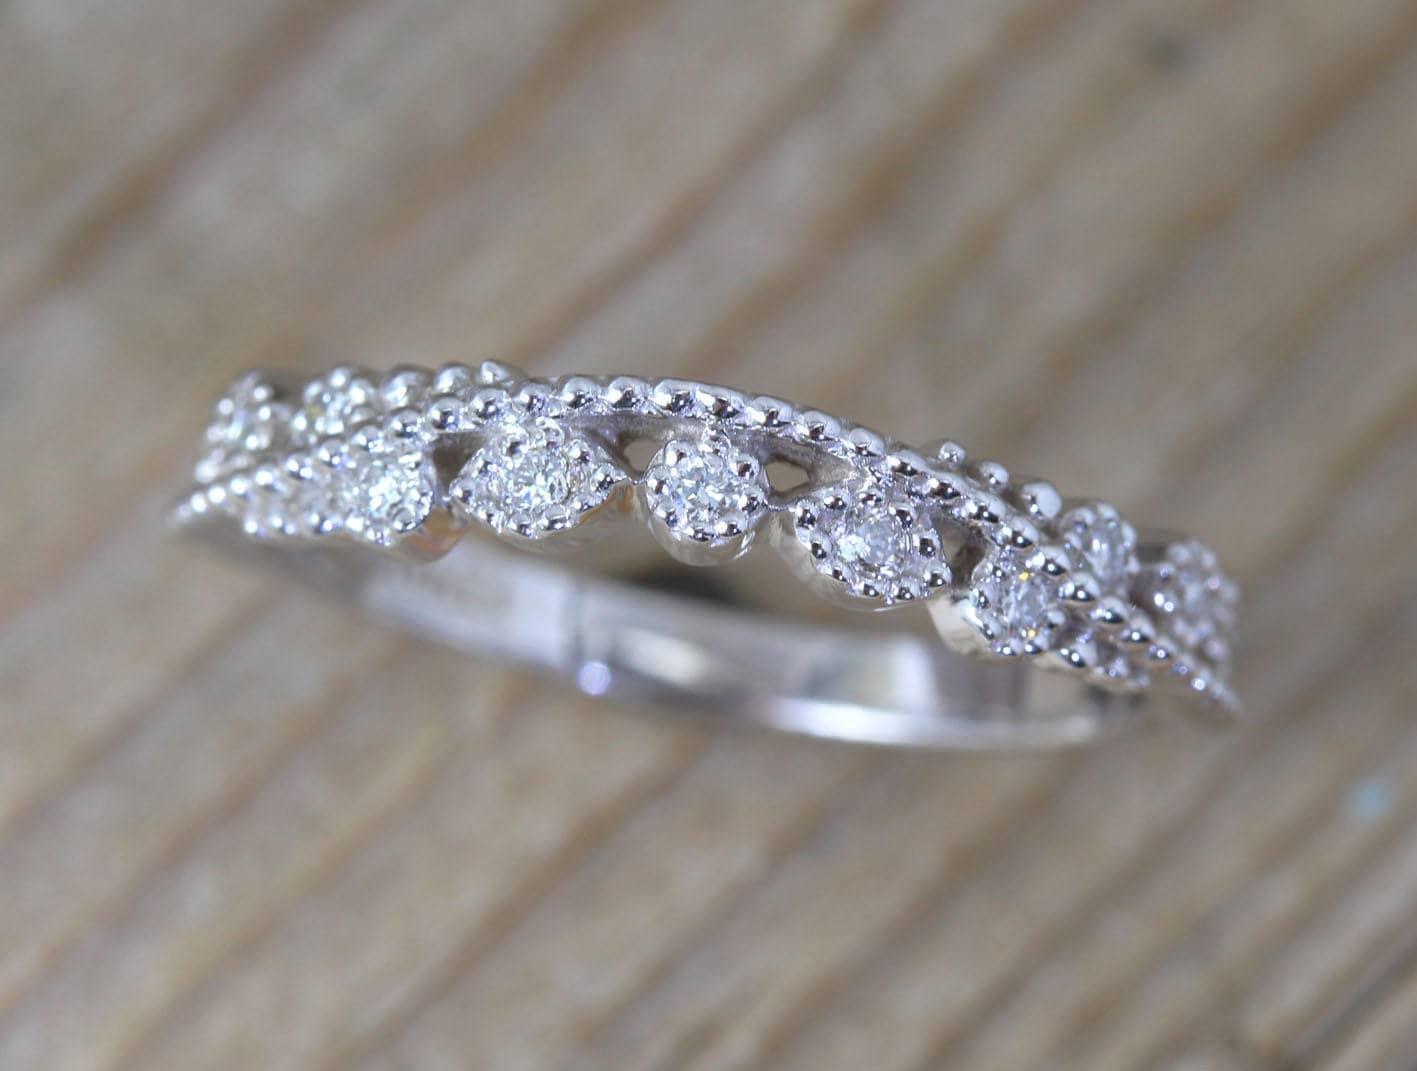 50: Antique Filigree Wedding Rings At Reisefeber.org